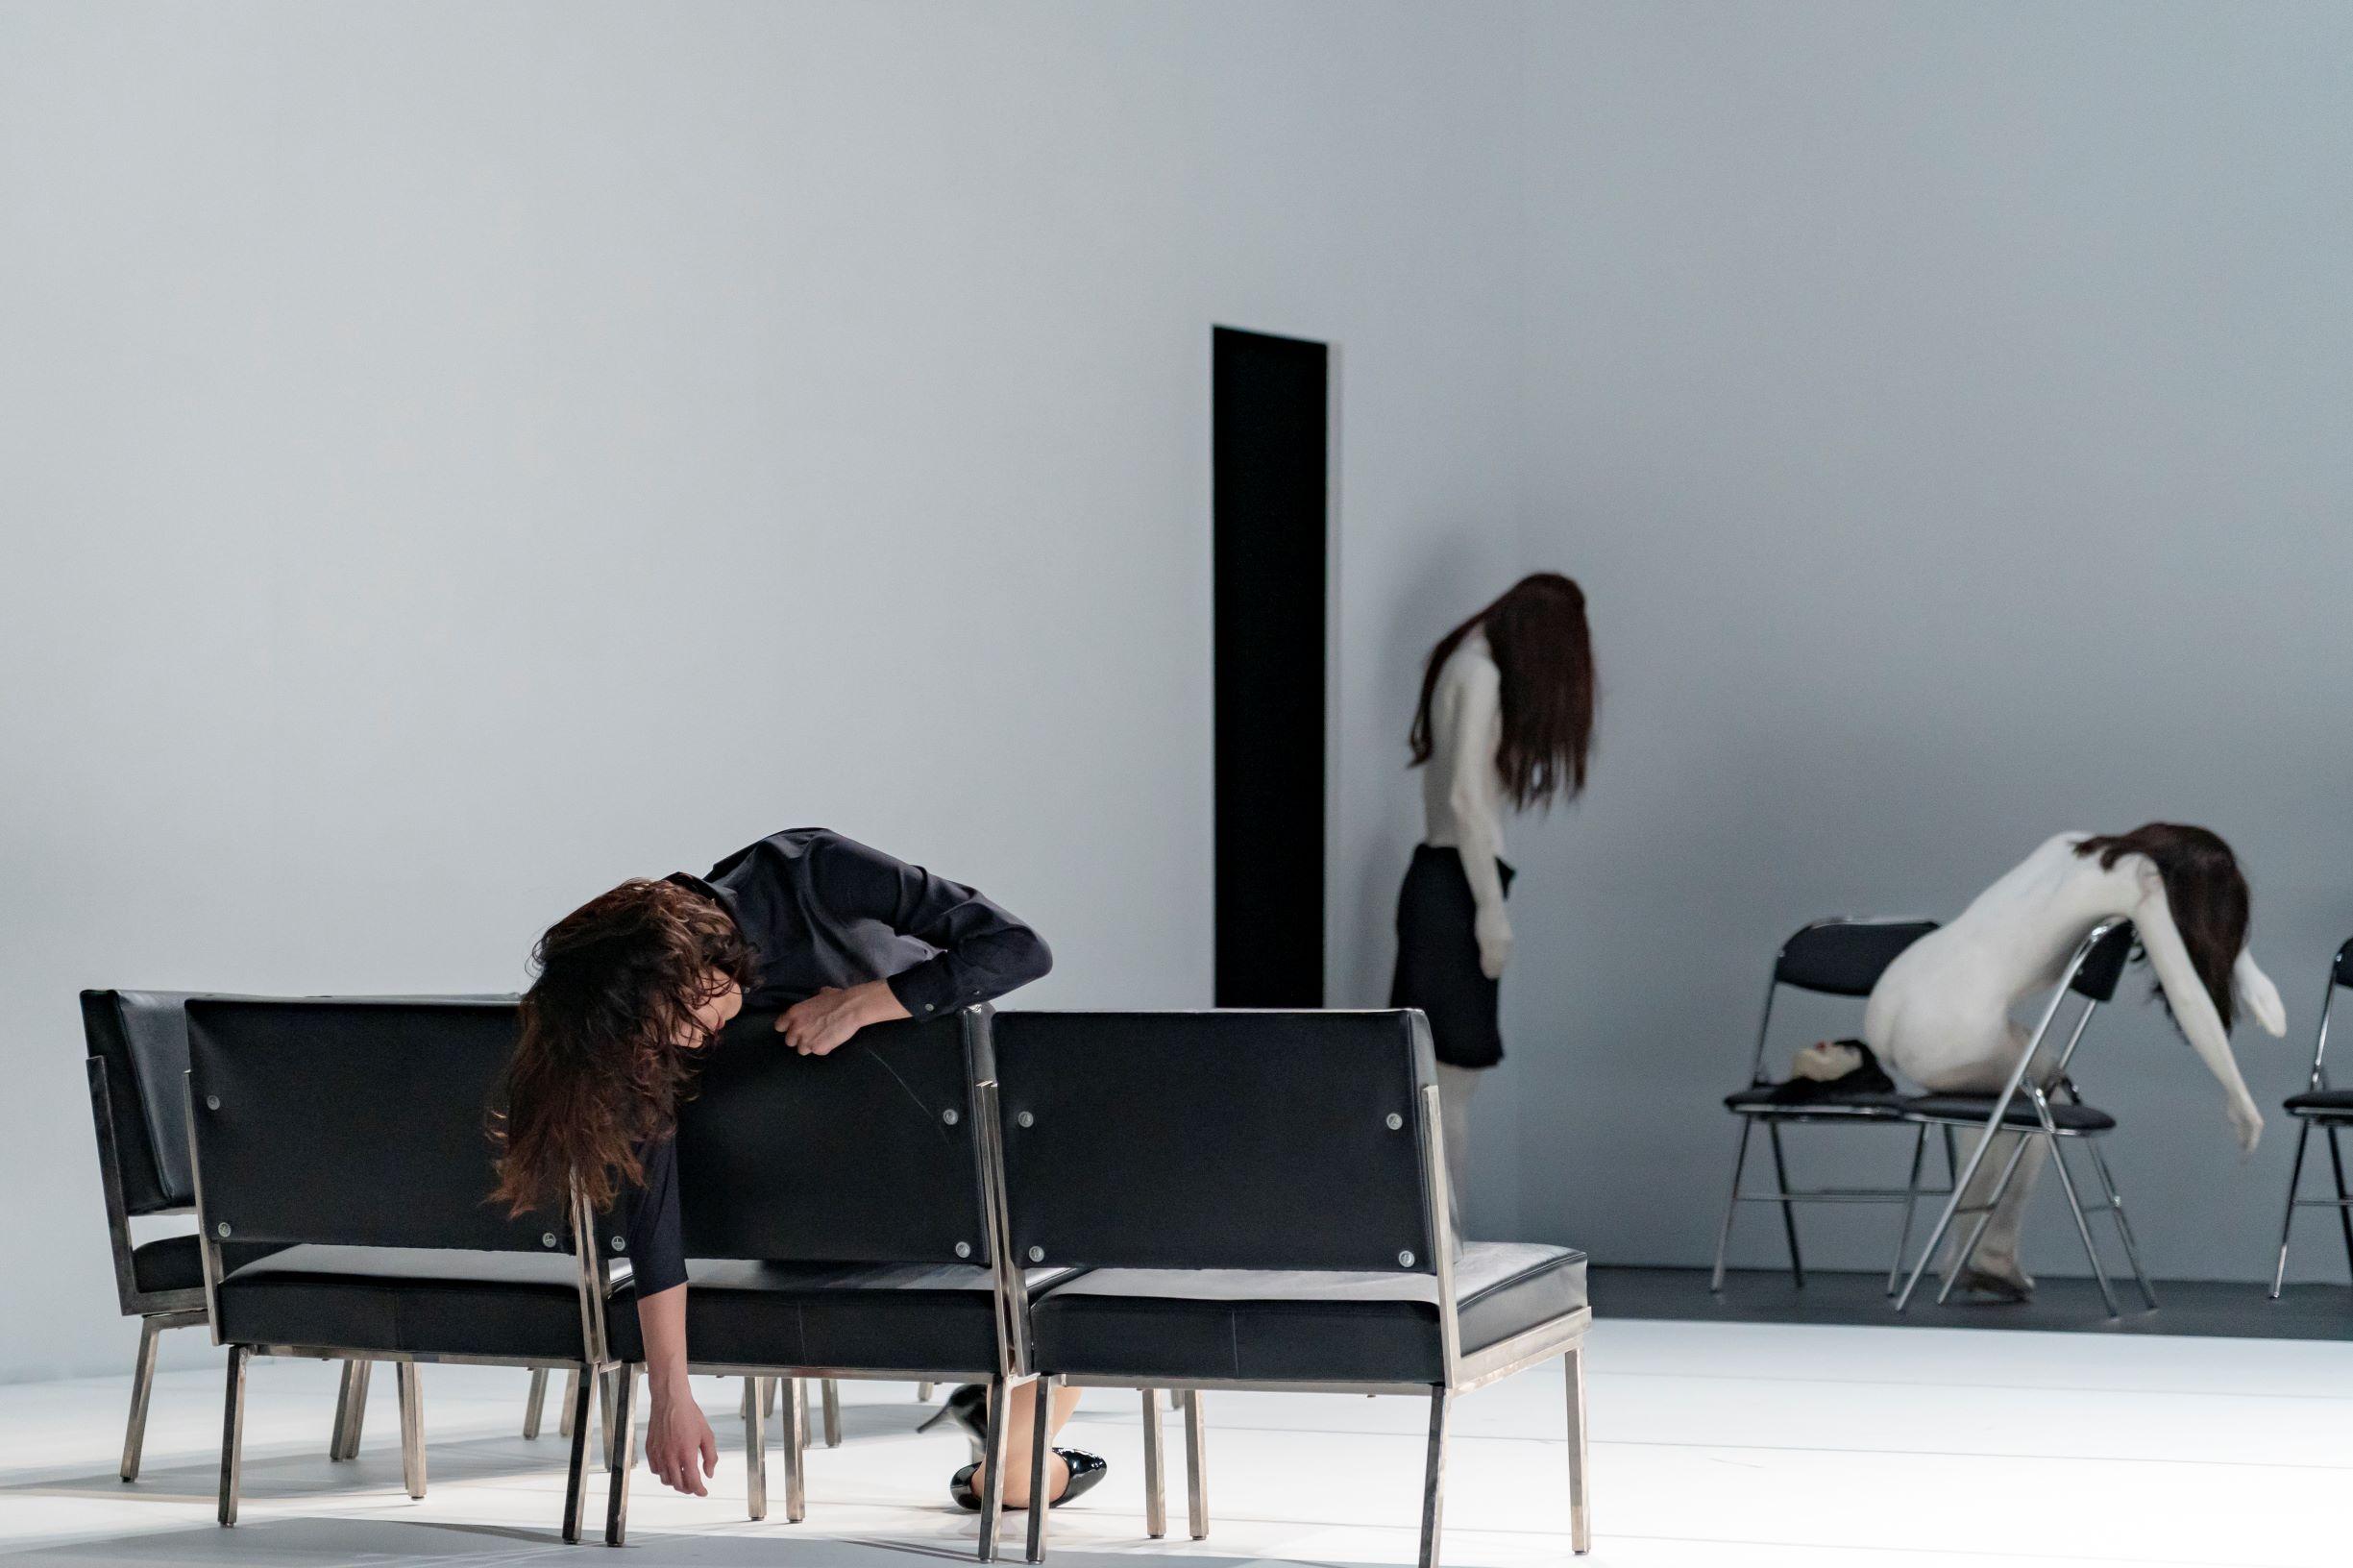 ジゼル・ヴィエンヌ、エティエンヌ・ビドー=レイ 「ショールームダミーズ #4」記録写真